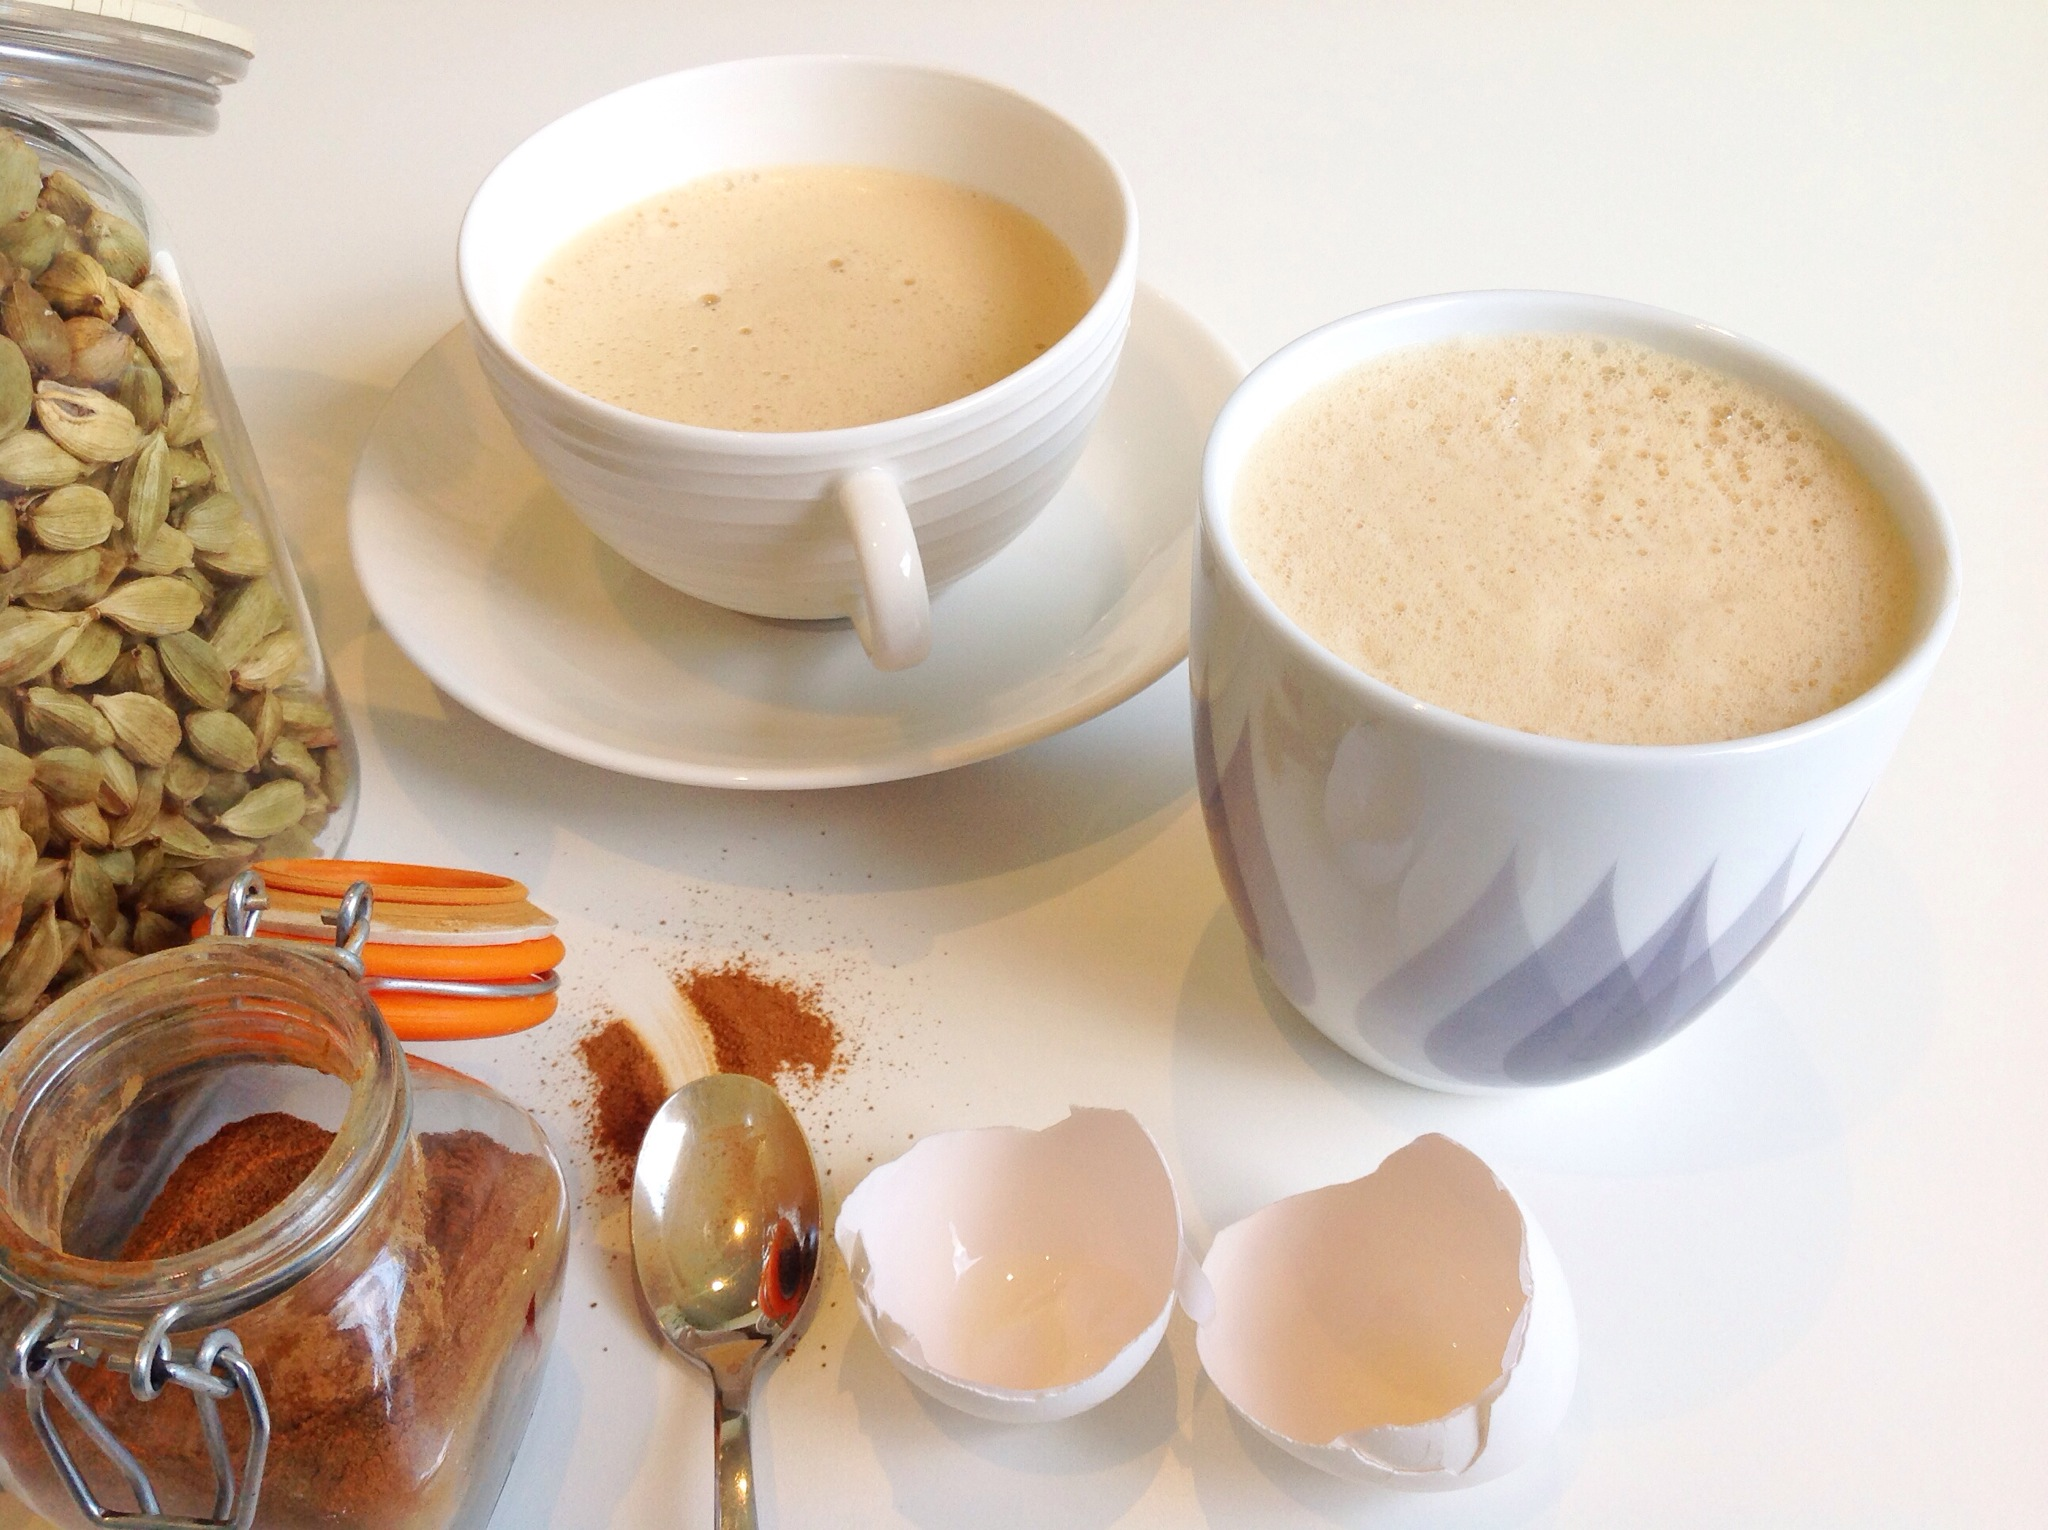 kokosolja i kaffet